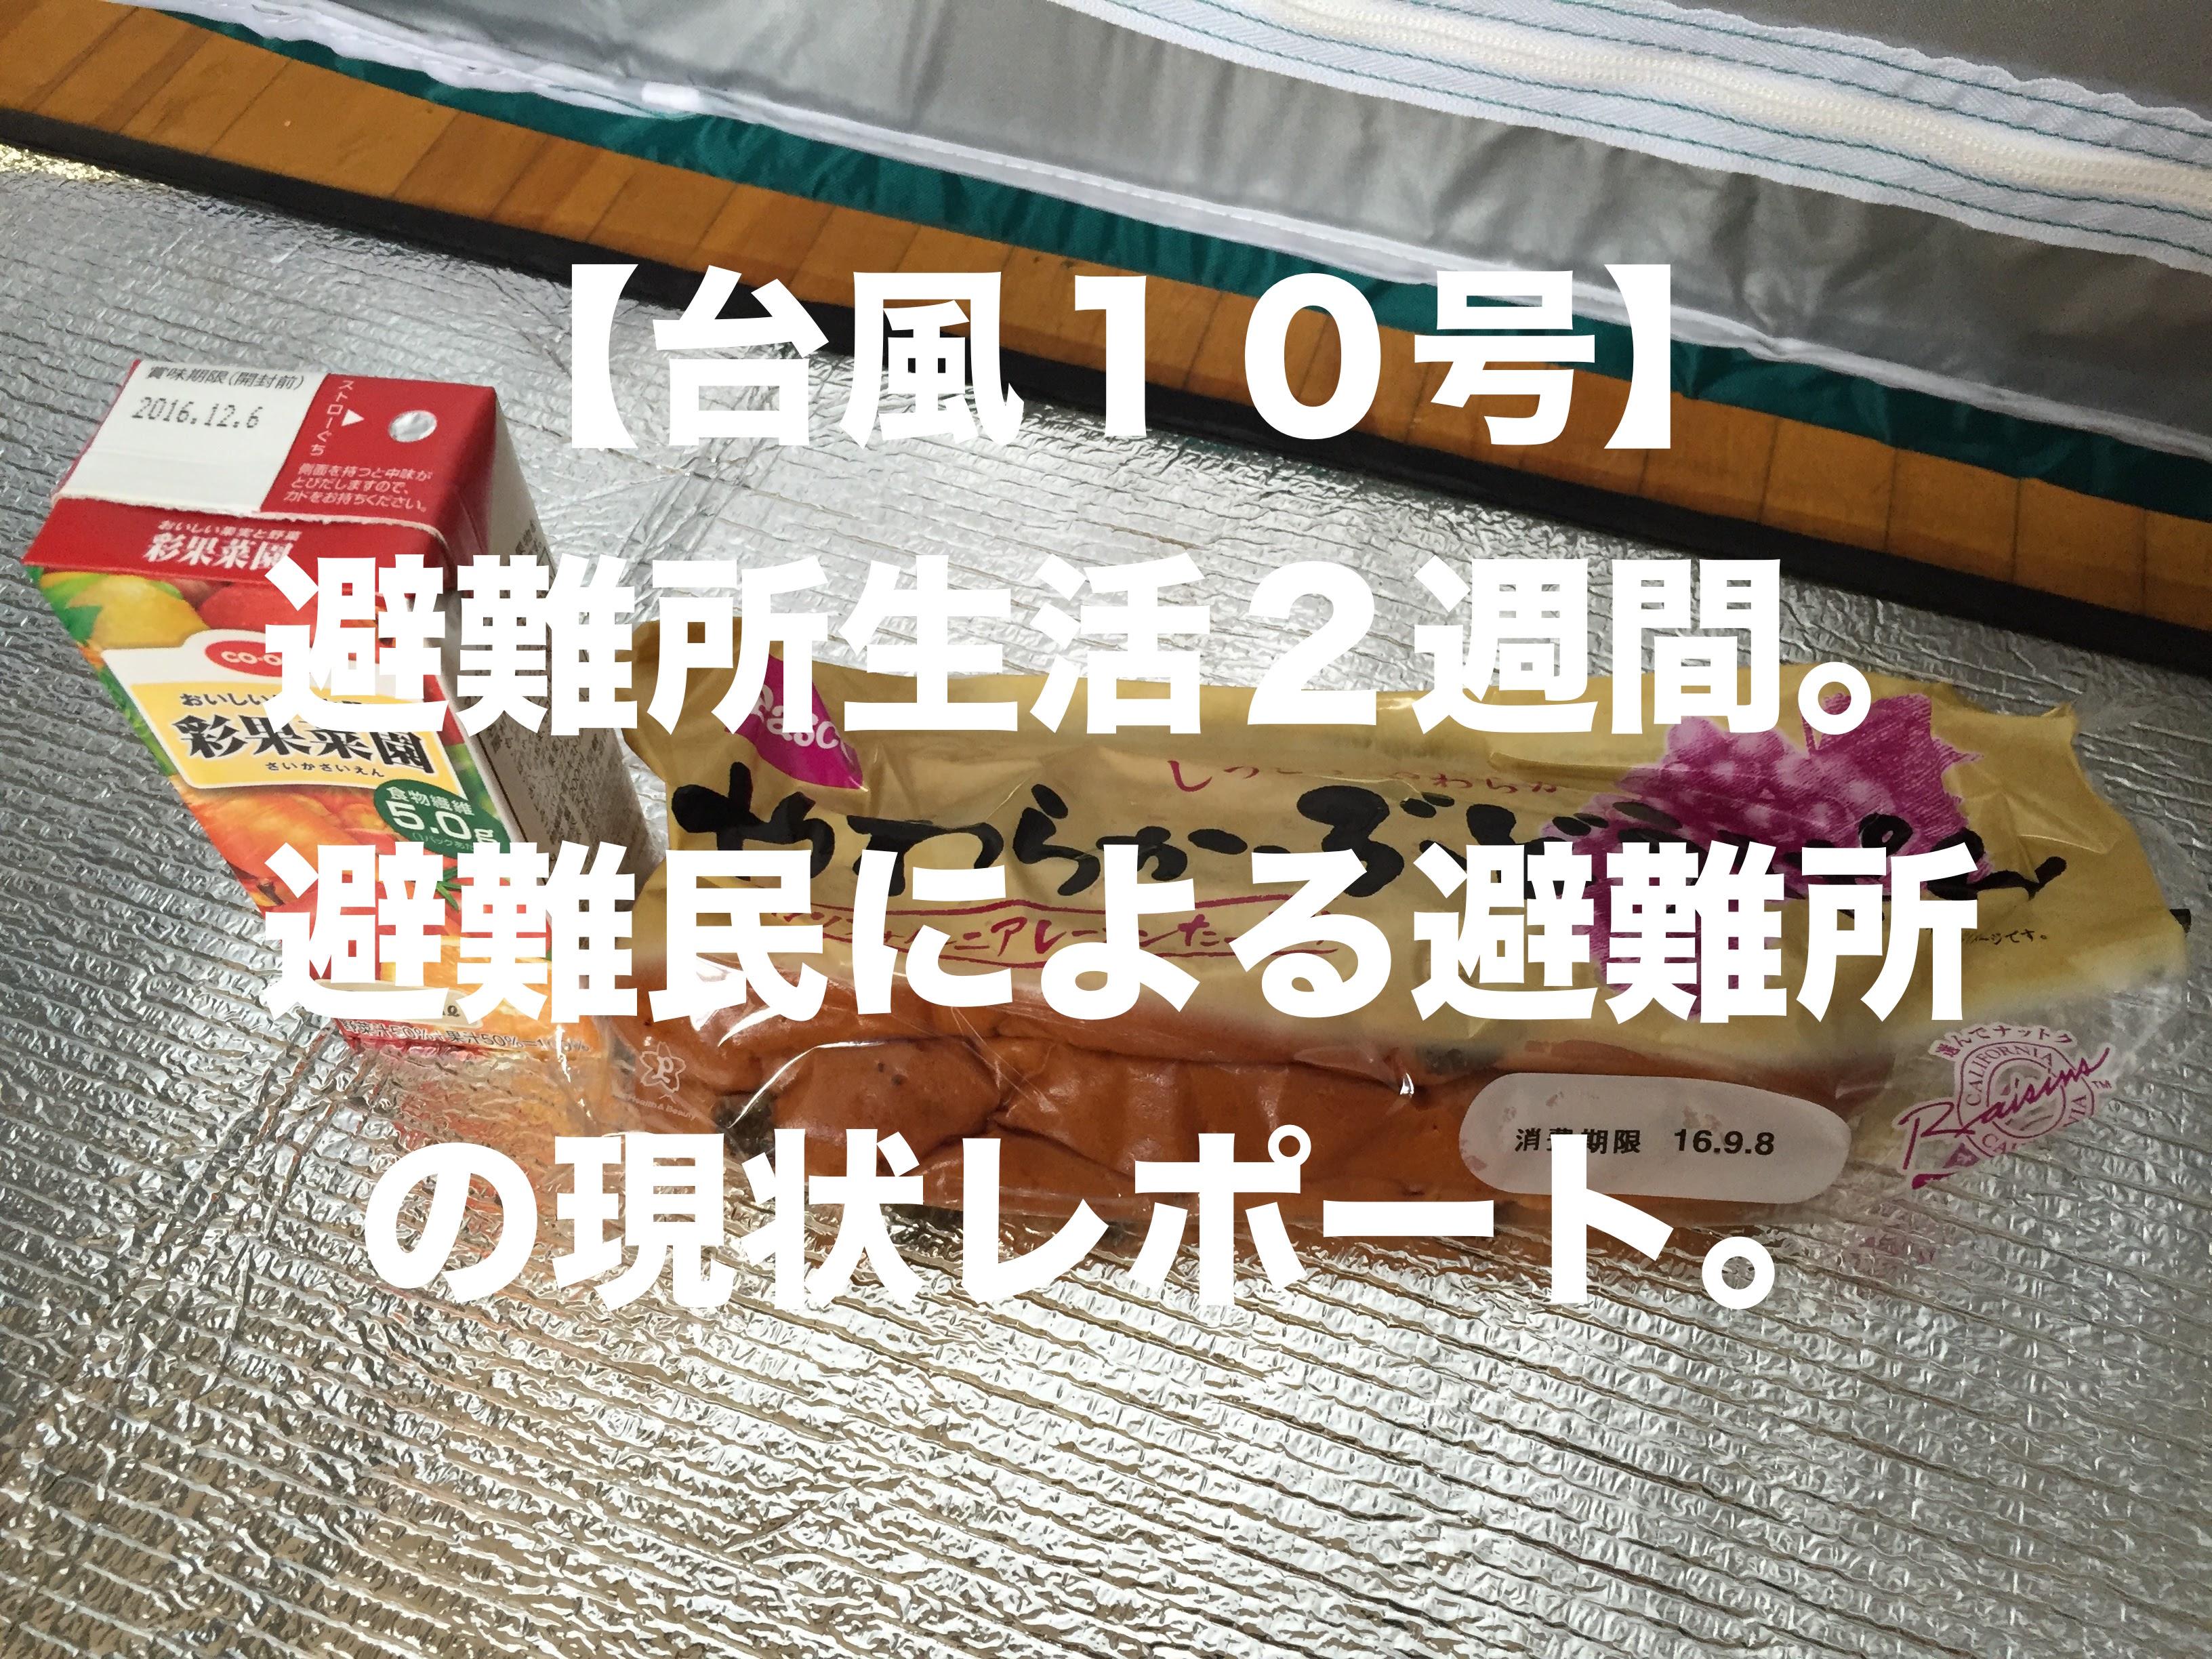 【台風10号】避難所生活2週間。避難民による避難所の現状レポート。